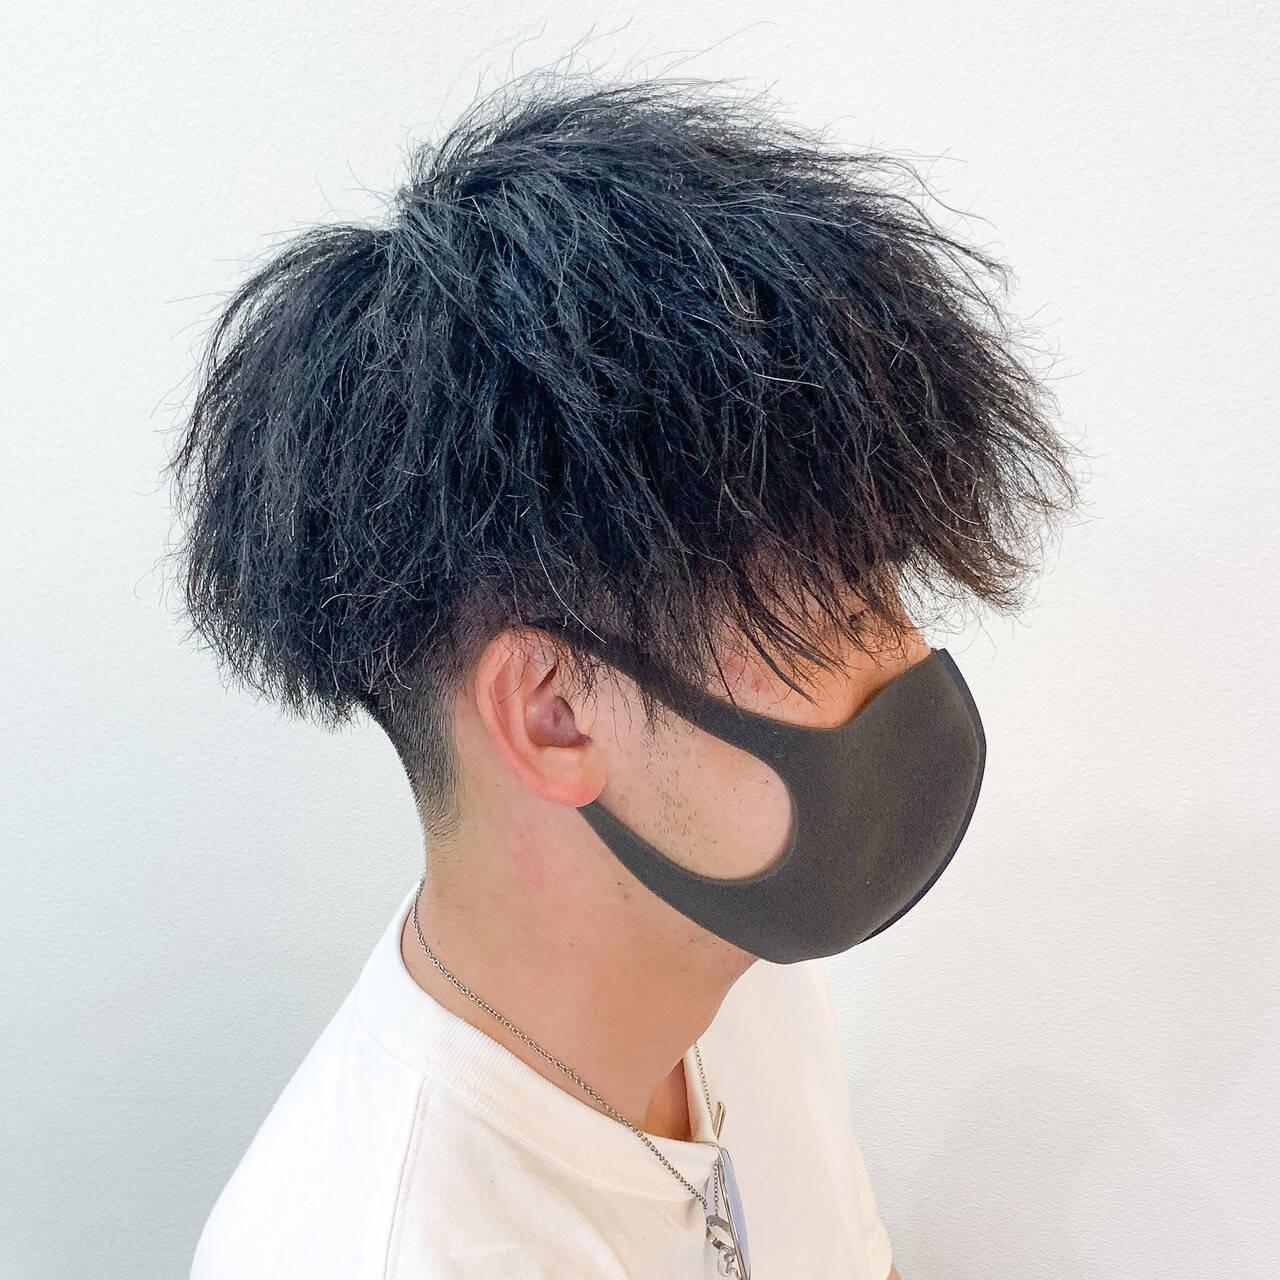 スパイラルパーマ メンズカット メンズ ストリートヘアスタイルや髪型の写真・画像